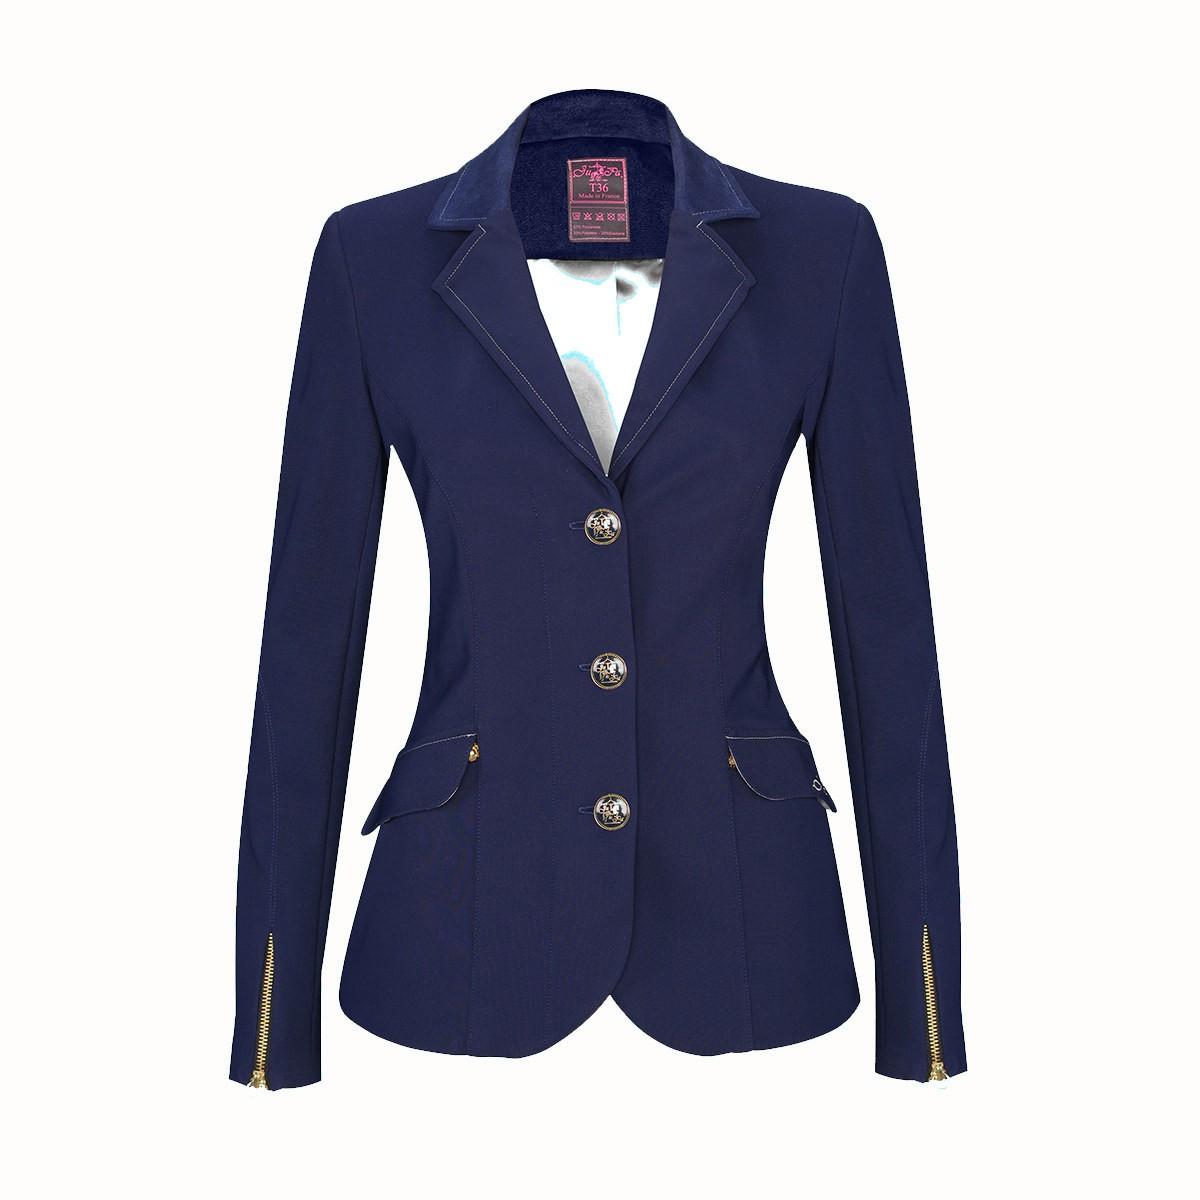 Veste equitation femme bleu marine